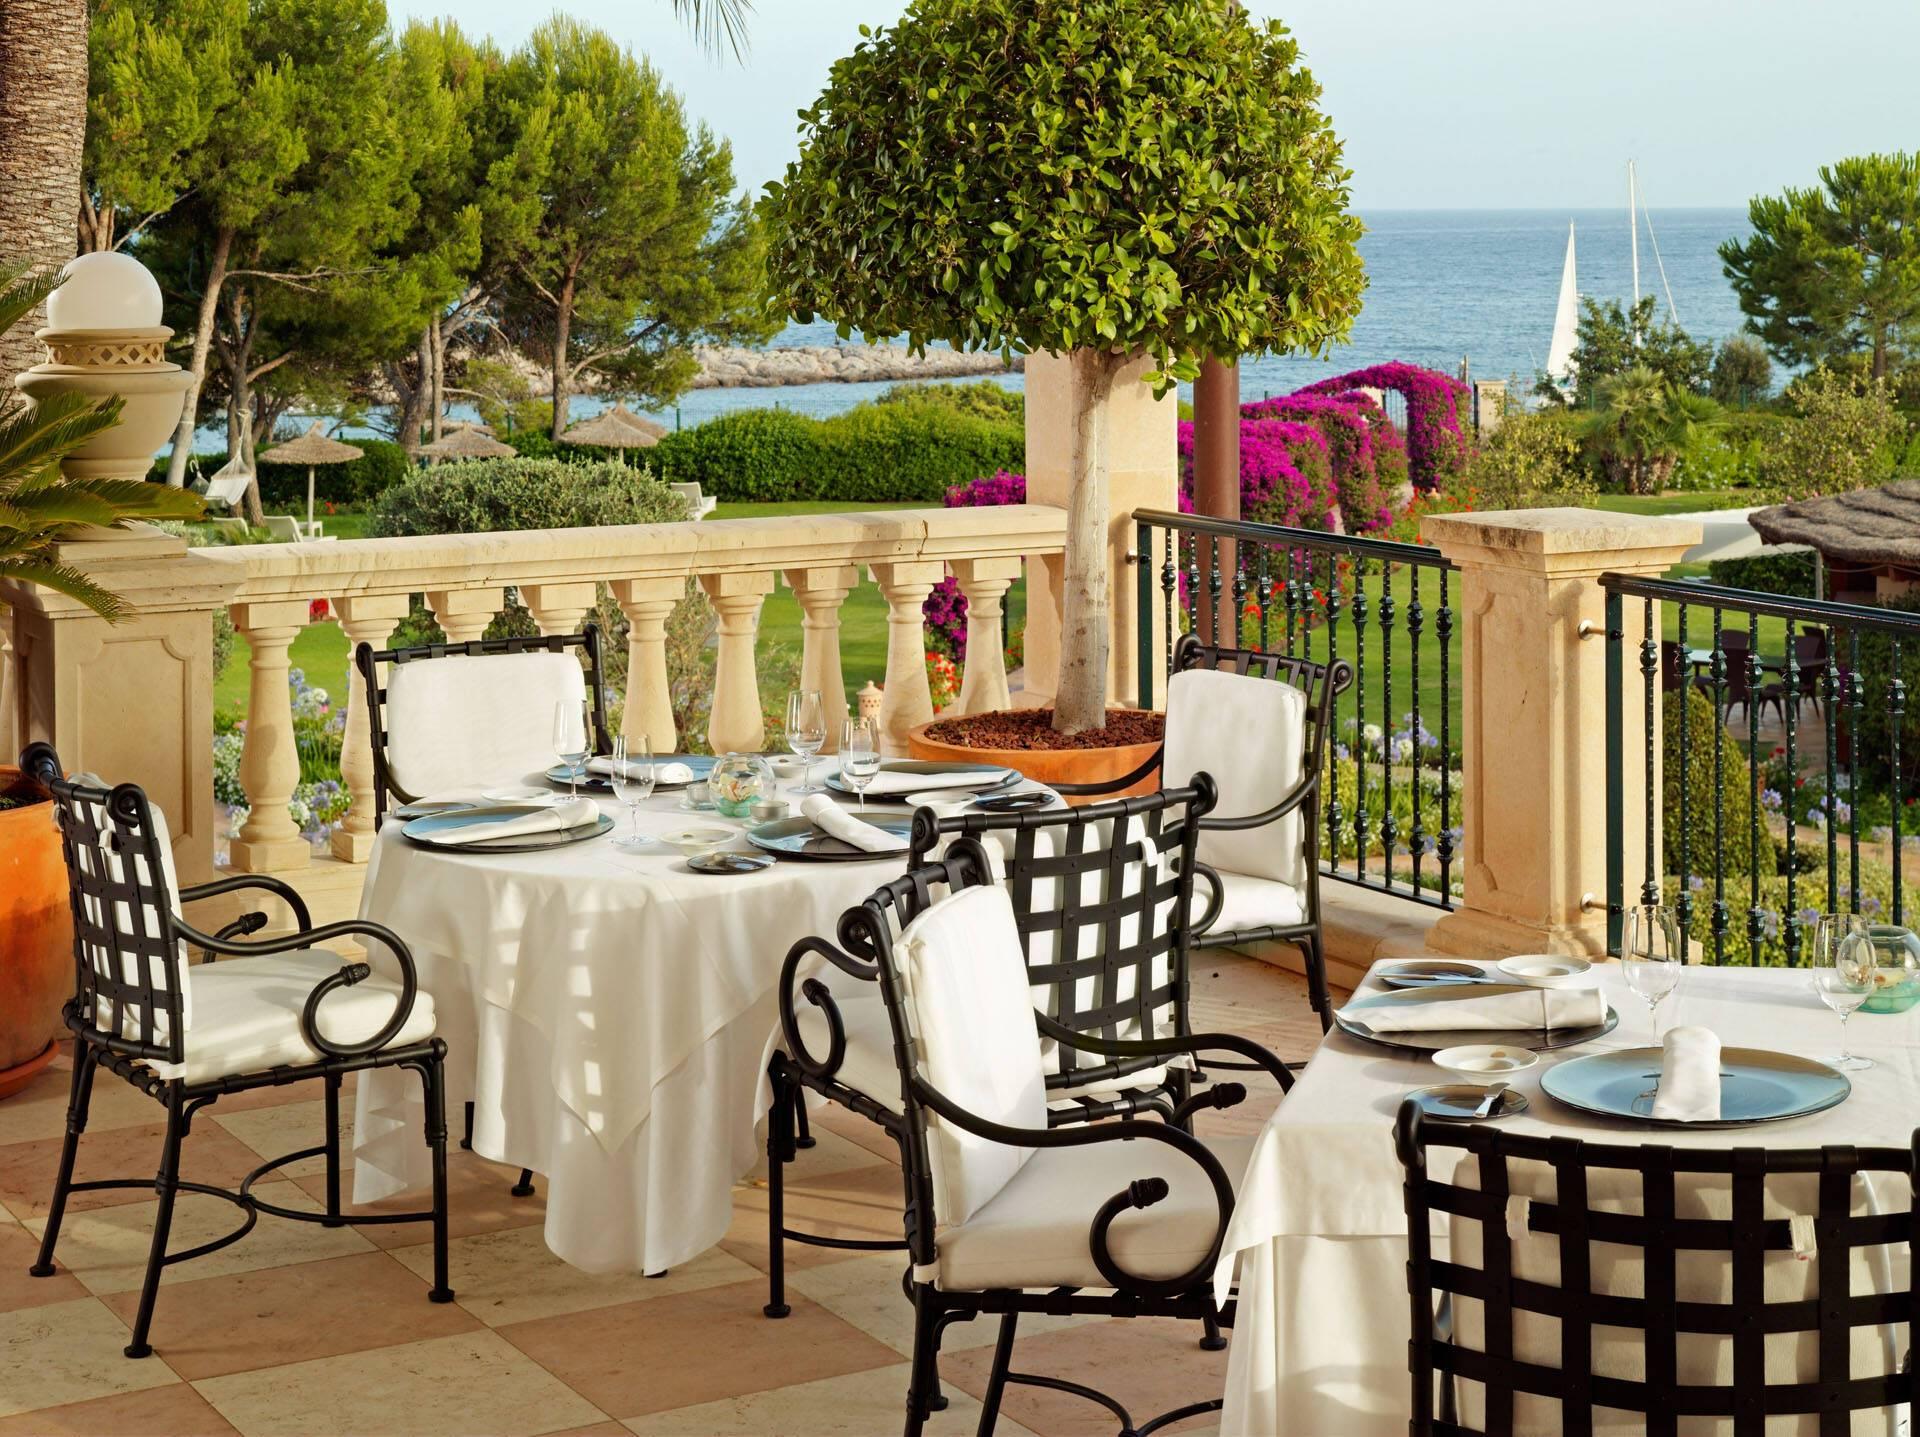 St Regis Mardavall Resort Majorque Restaurant Es Fum Terrasse